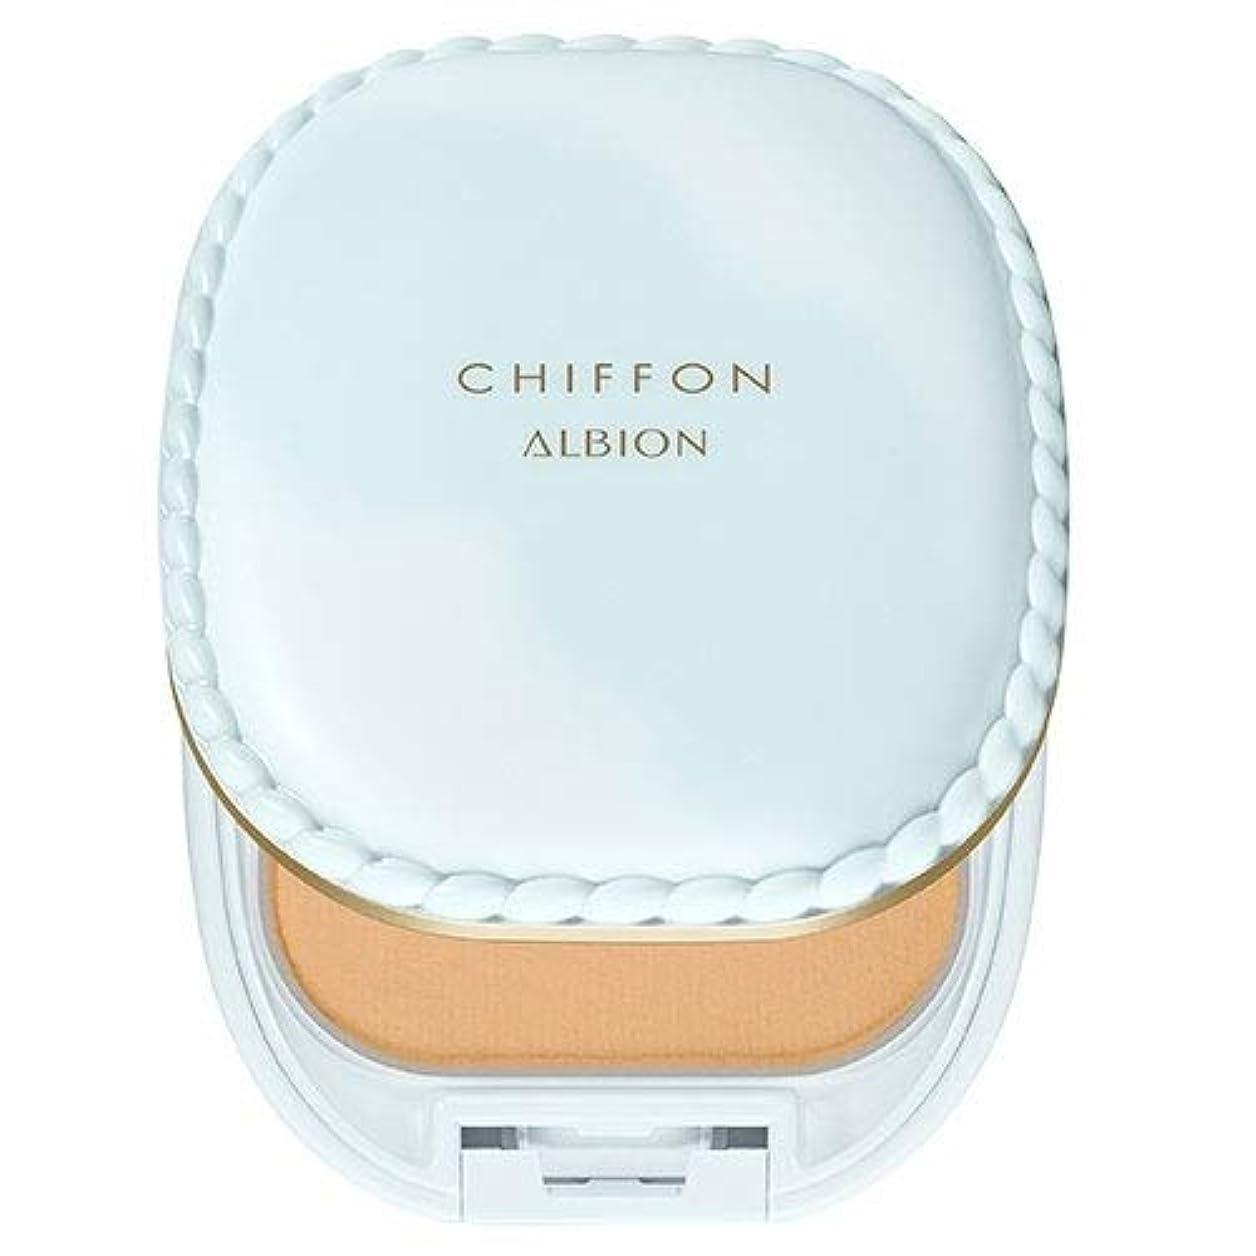 充電組み合わせる気づかないアルビオン スノー ホワイト シフォン 全6色 SPF25?PA++ 10g (レフィルのみ) -ALBION- 040